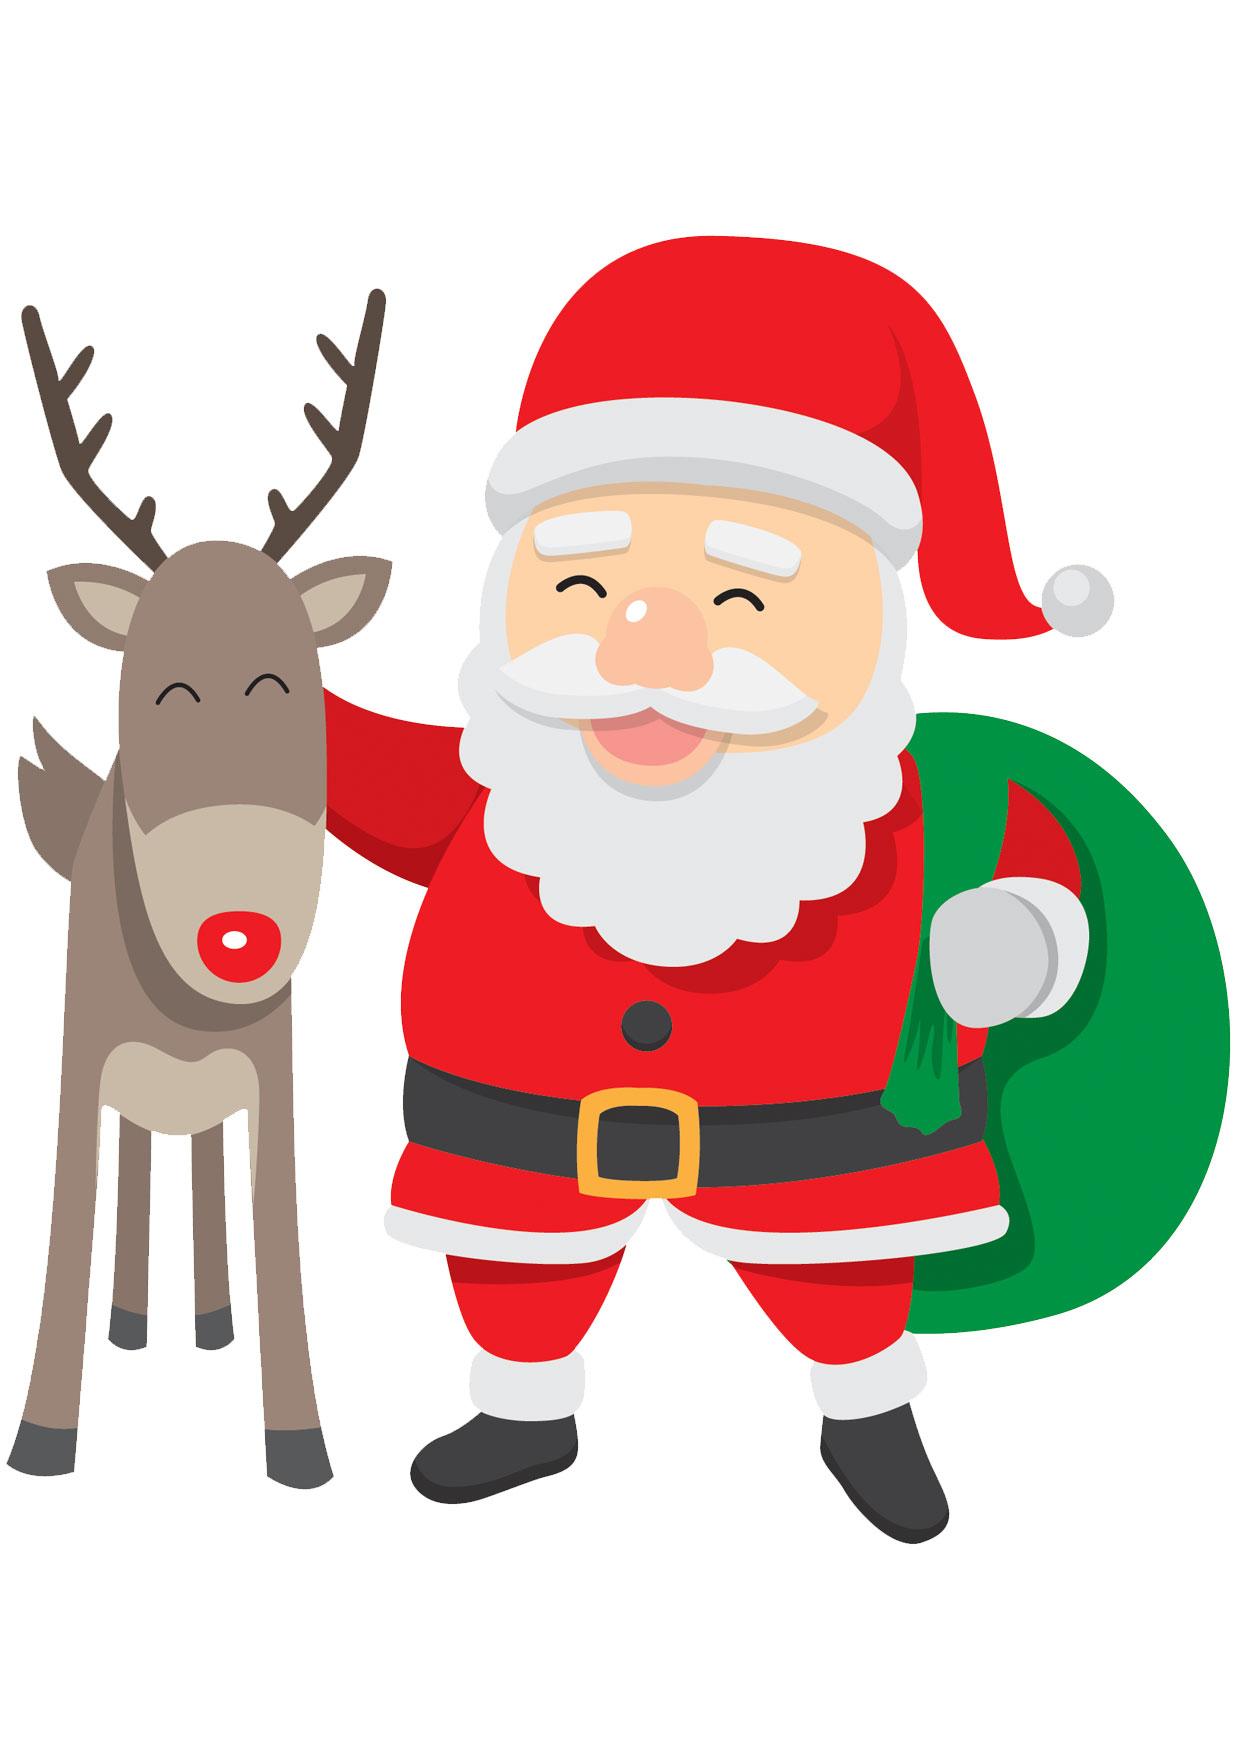 Immagini Colorate Di Babbo Natale.30 Disegni Di Babbo Natale Gia Colorati Da Stampare Pianetabambini It